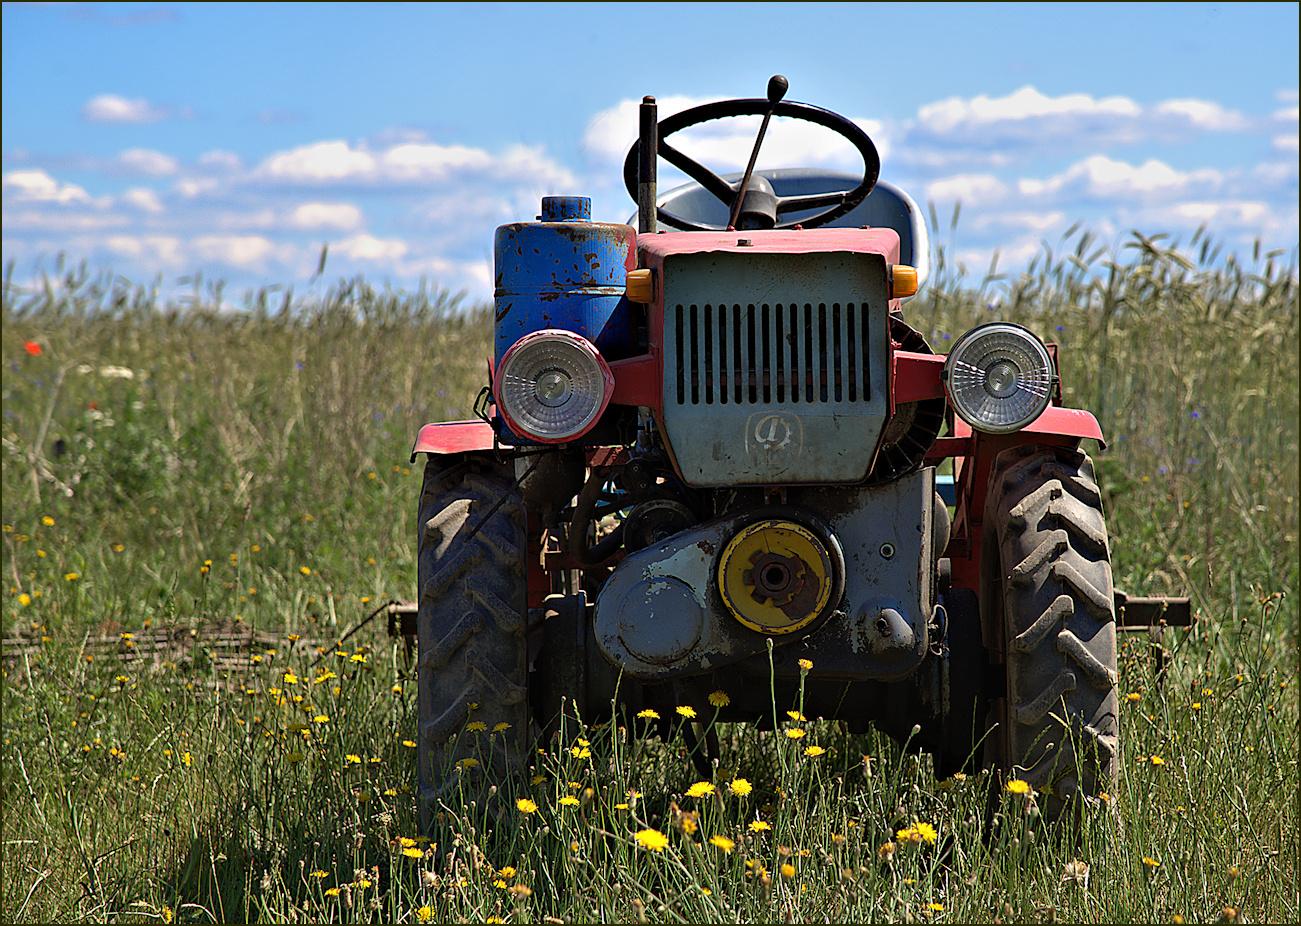 Roter Traktor Marke